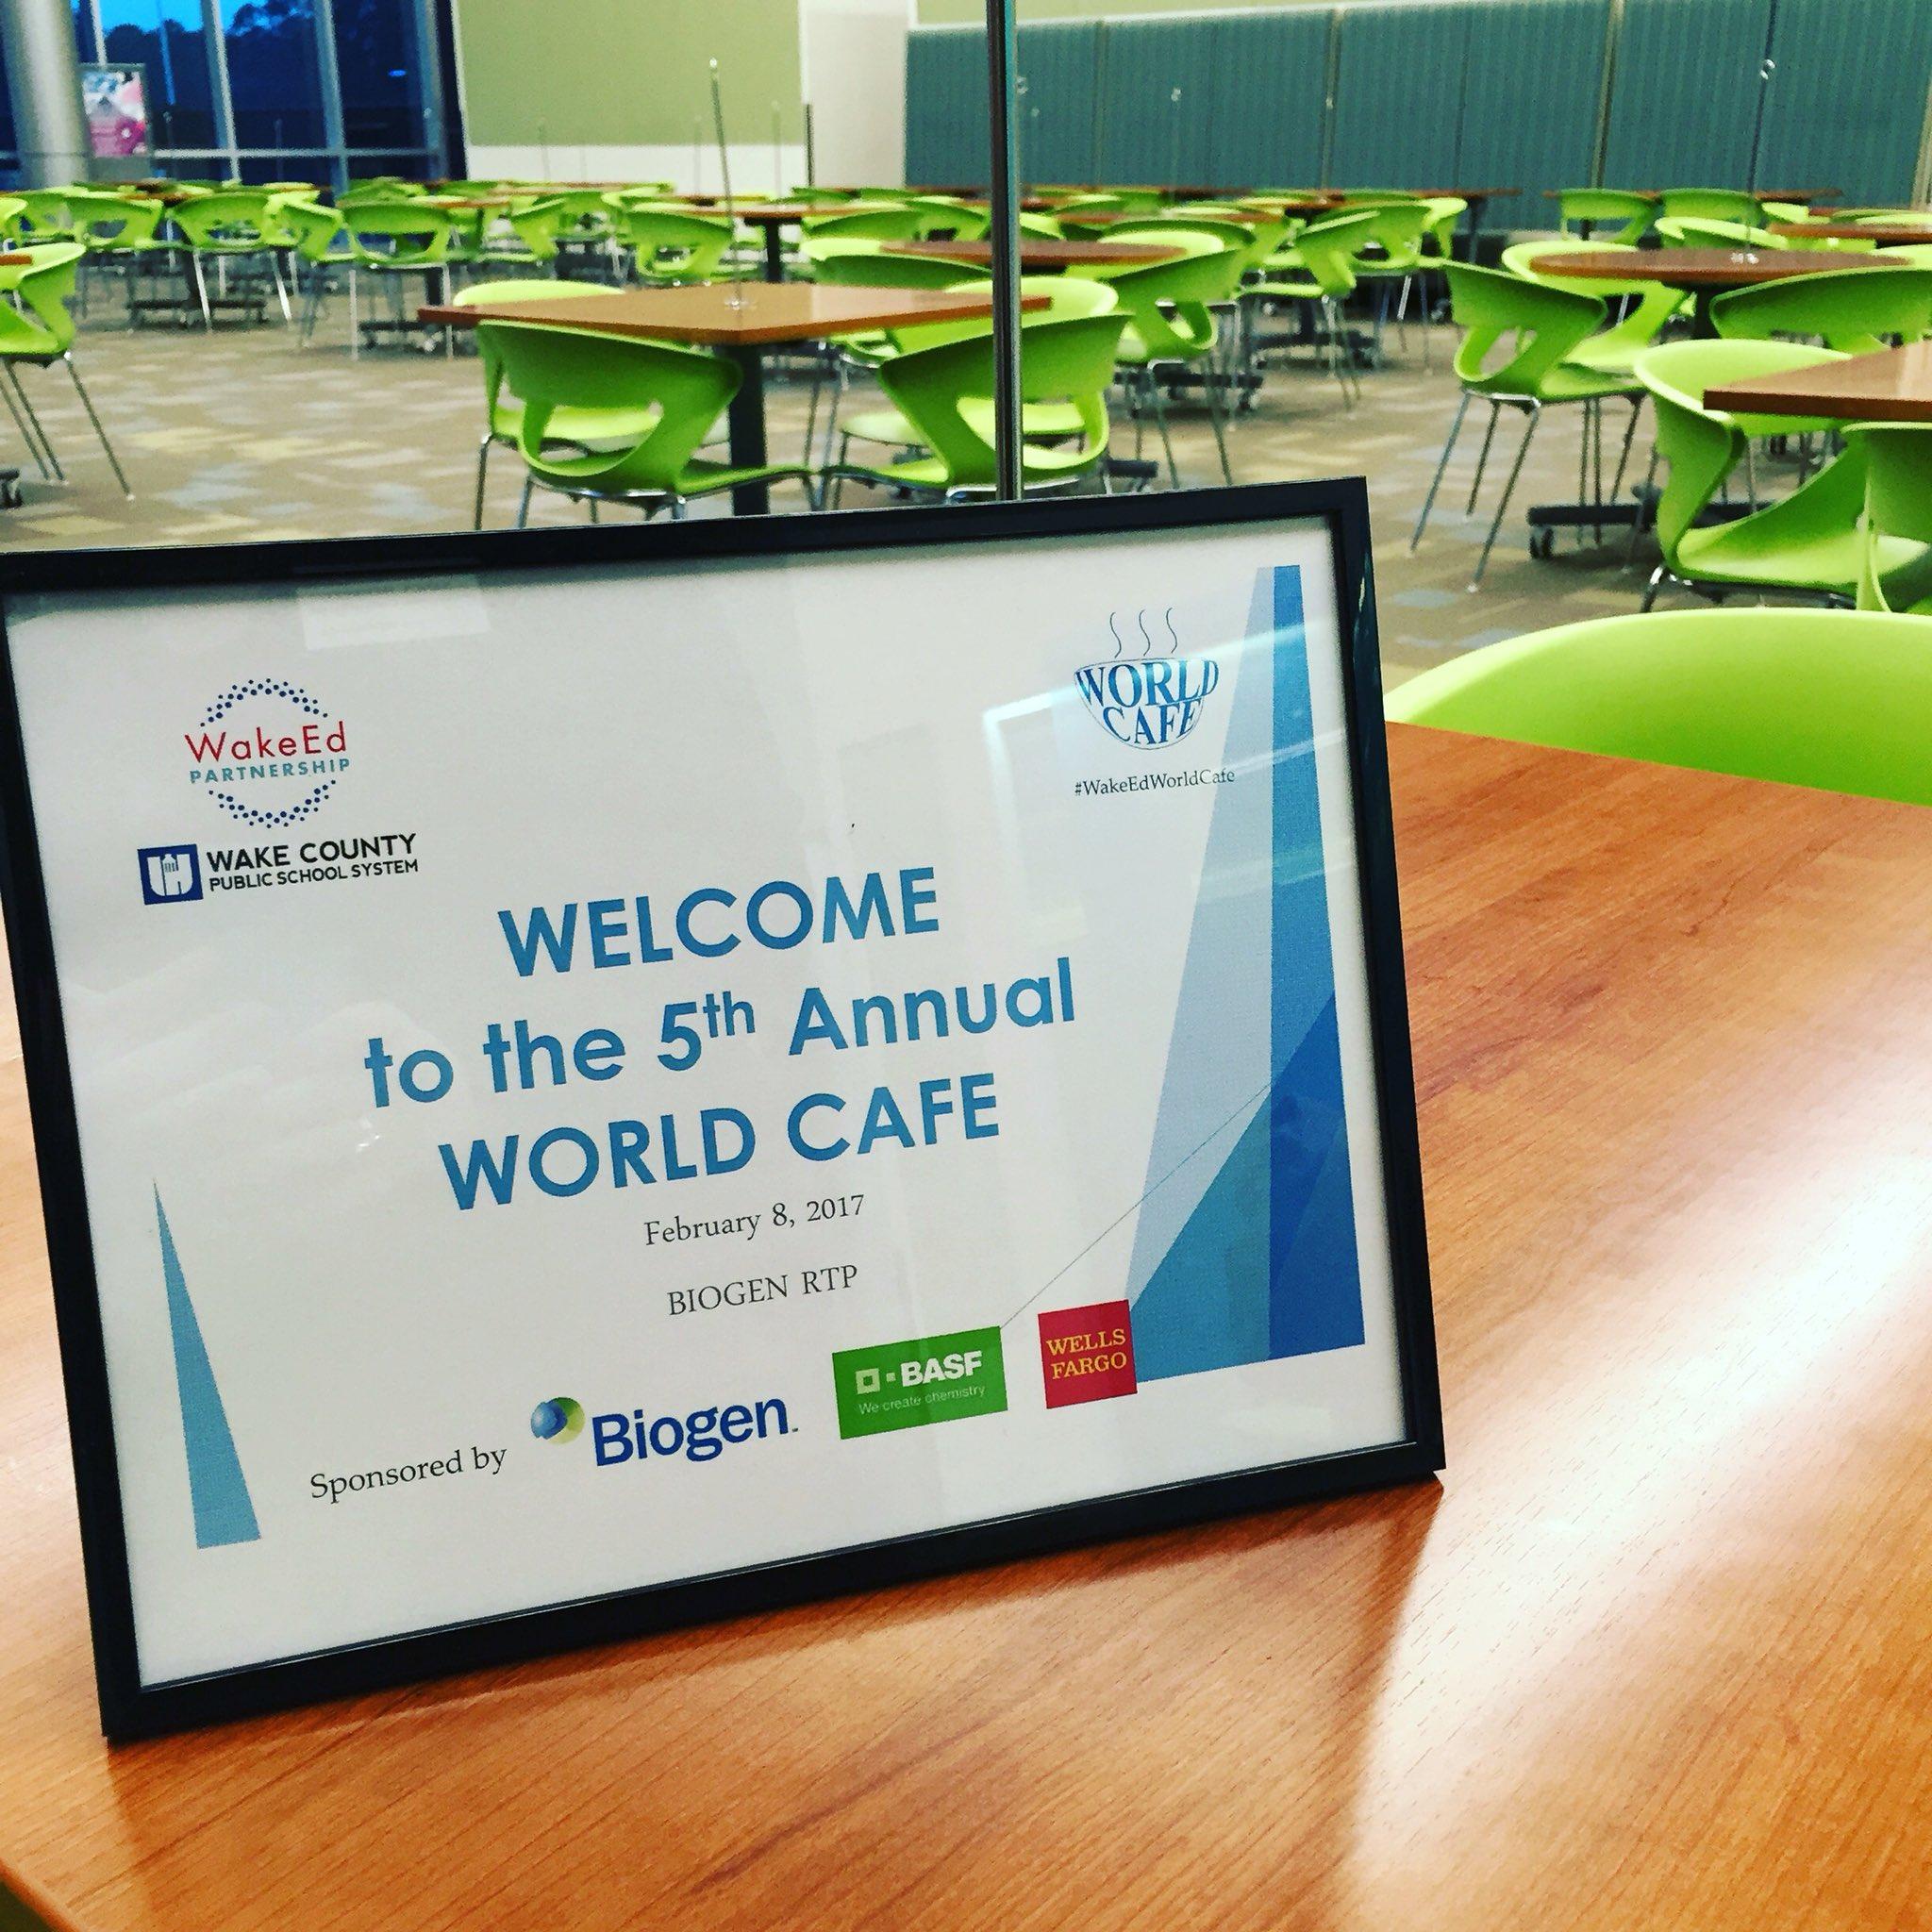 Welcome to #WakeEdWorldCafe! https://t.co/zTgGqlAEFu